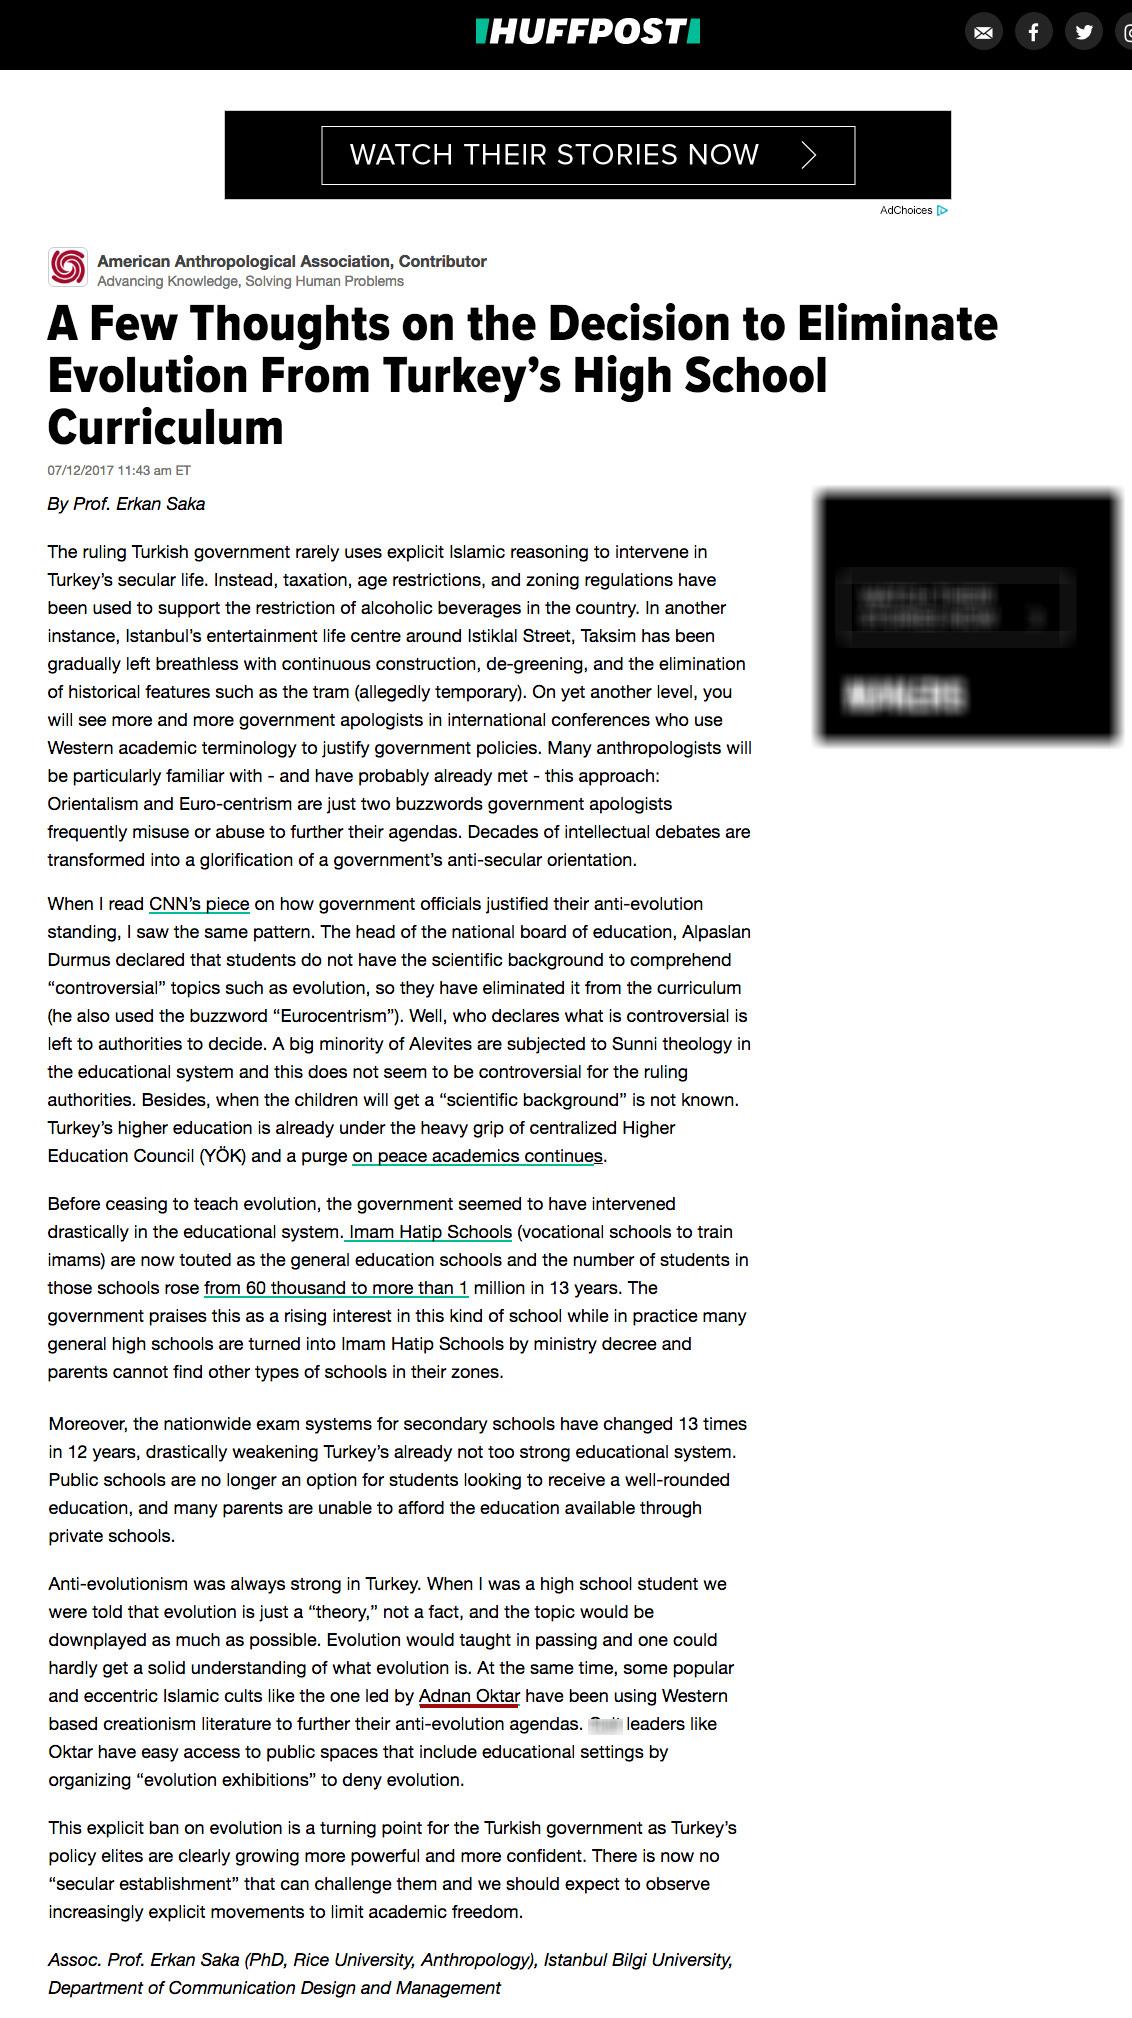 20 huffington_posts_adnan_oktar_evolution_out_from_cirriculum